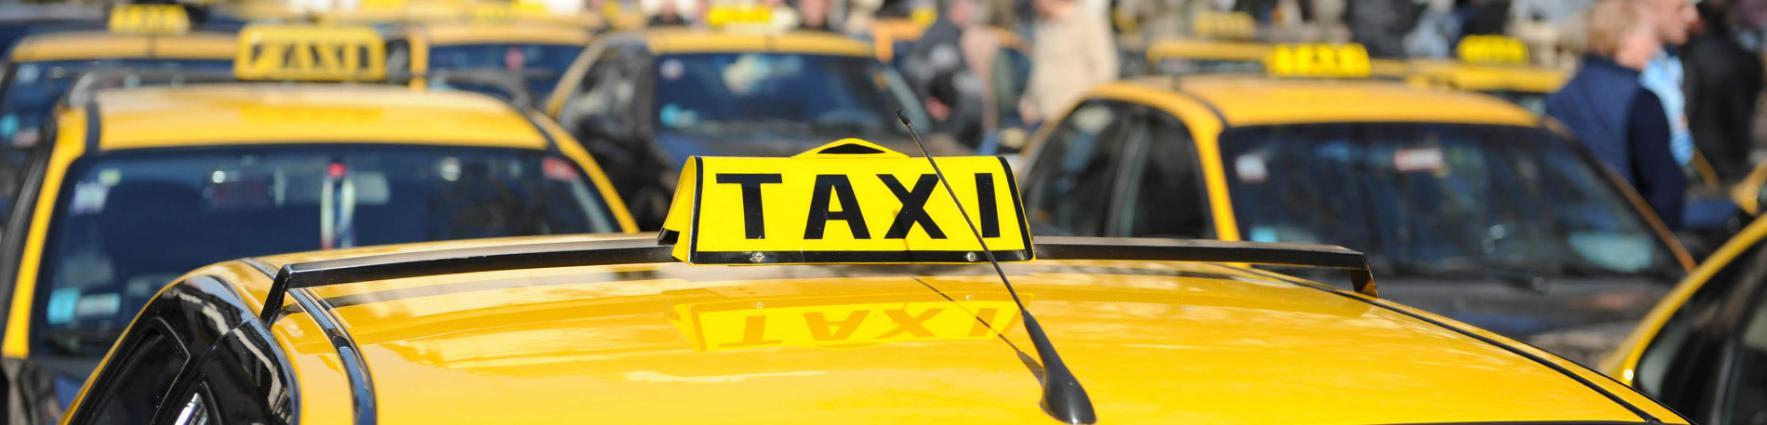 Taxis sin trabajo. El macrismo sostiene a la empresa extranjera Uber en un mercado en recesión.